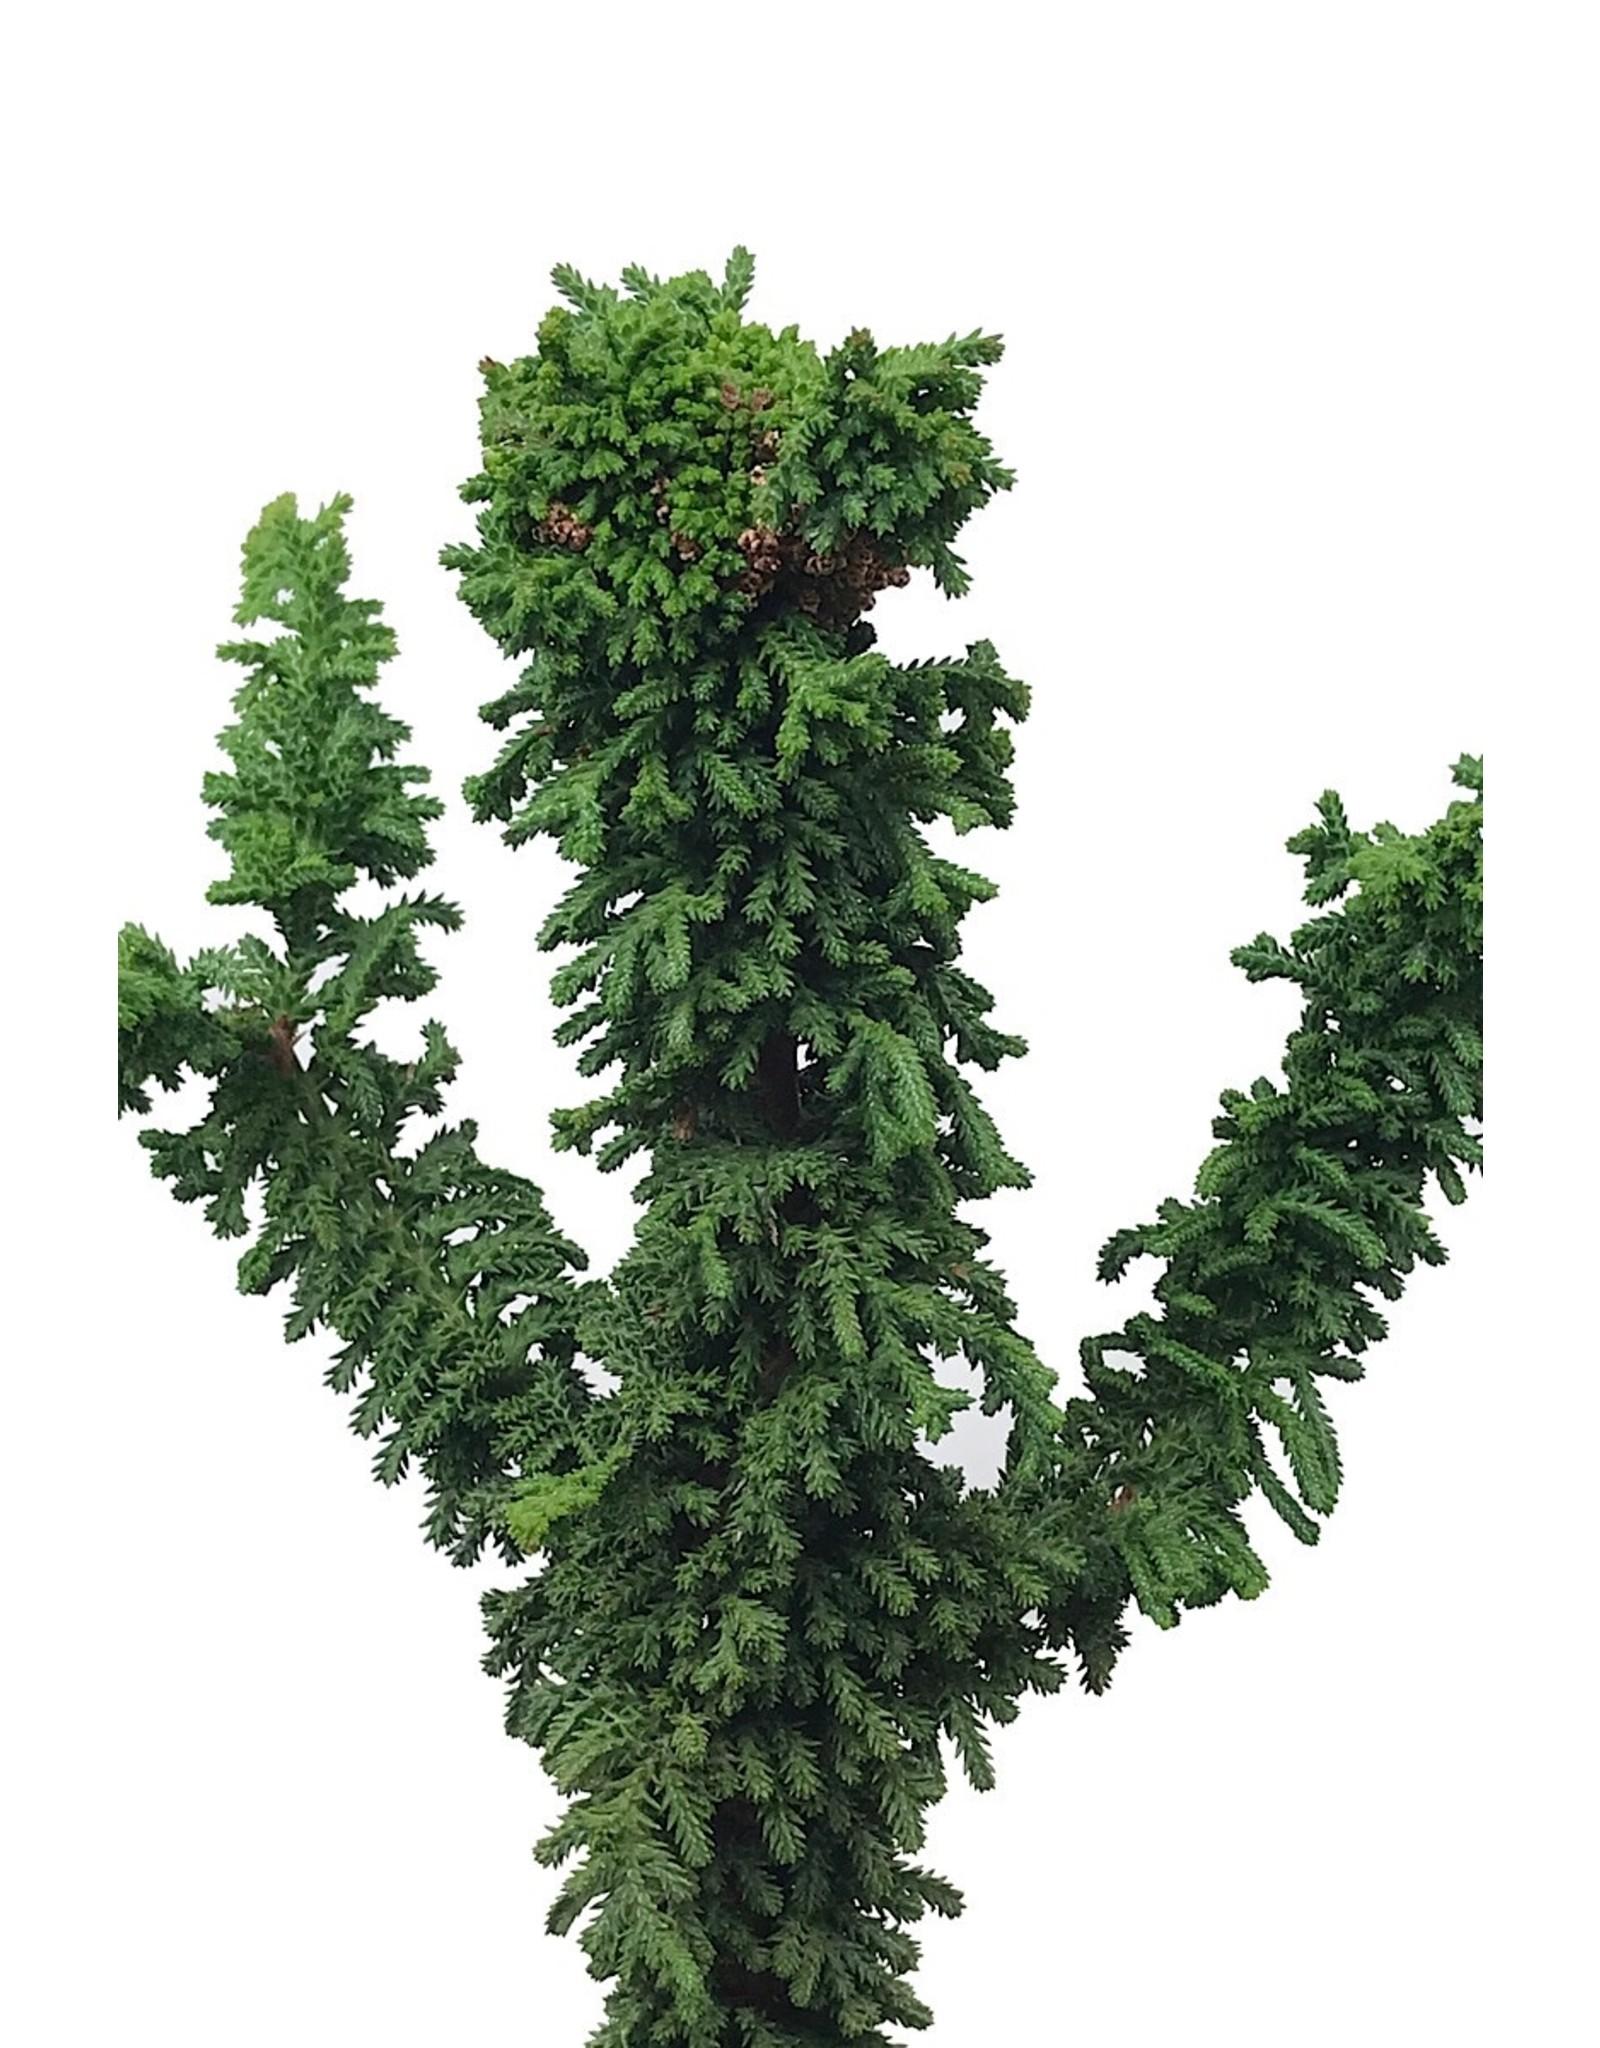 Chamaecyparis obtusa 'Chirimen' 4 Inch